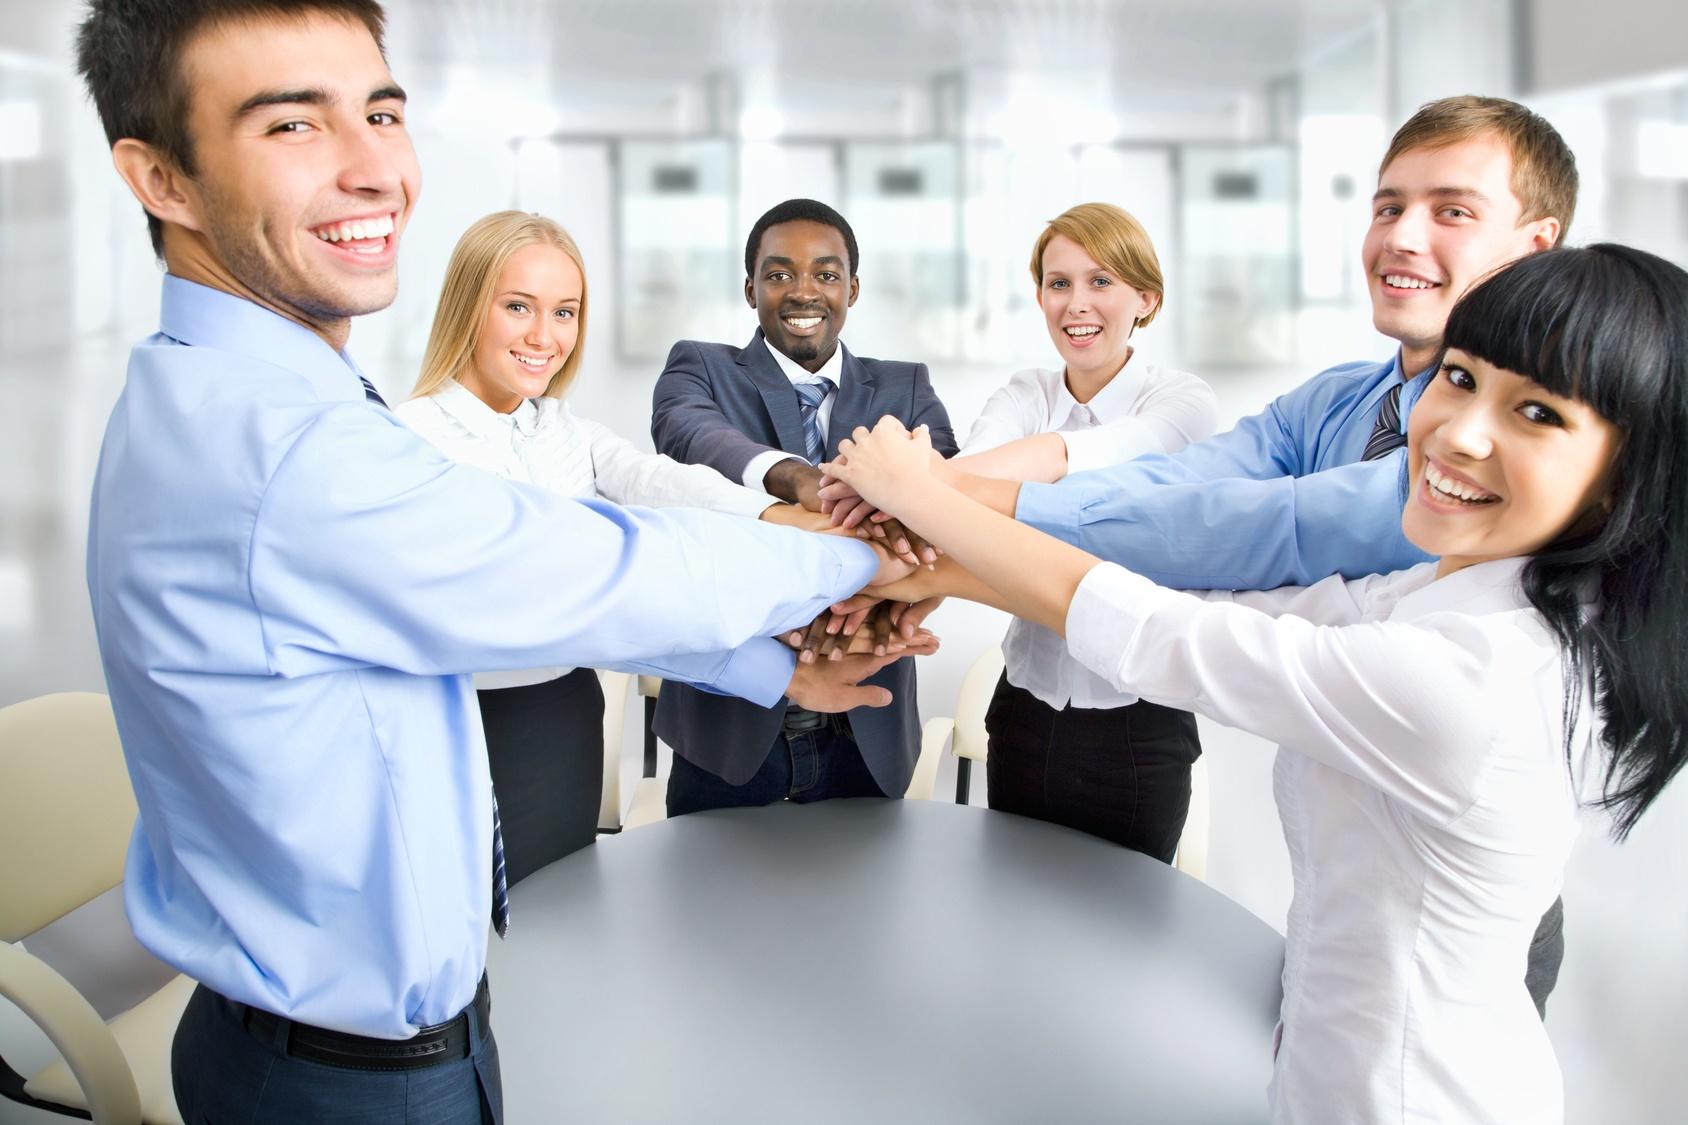 colaboradores de uma empresa juntos comemorando plano de saúde